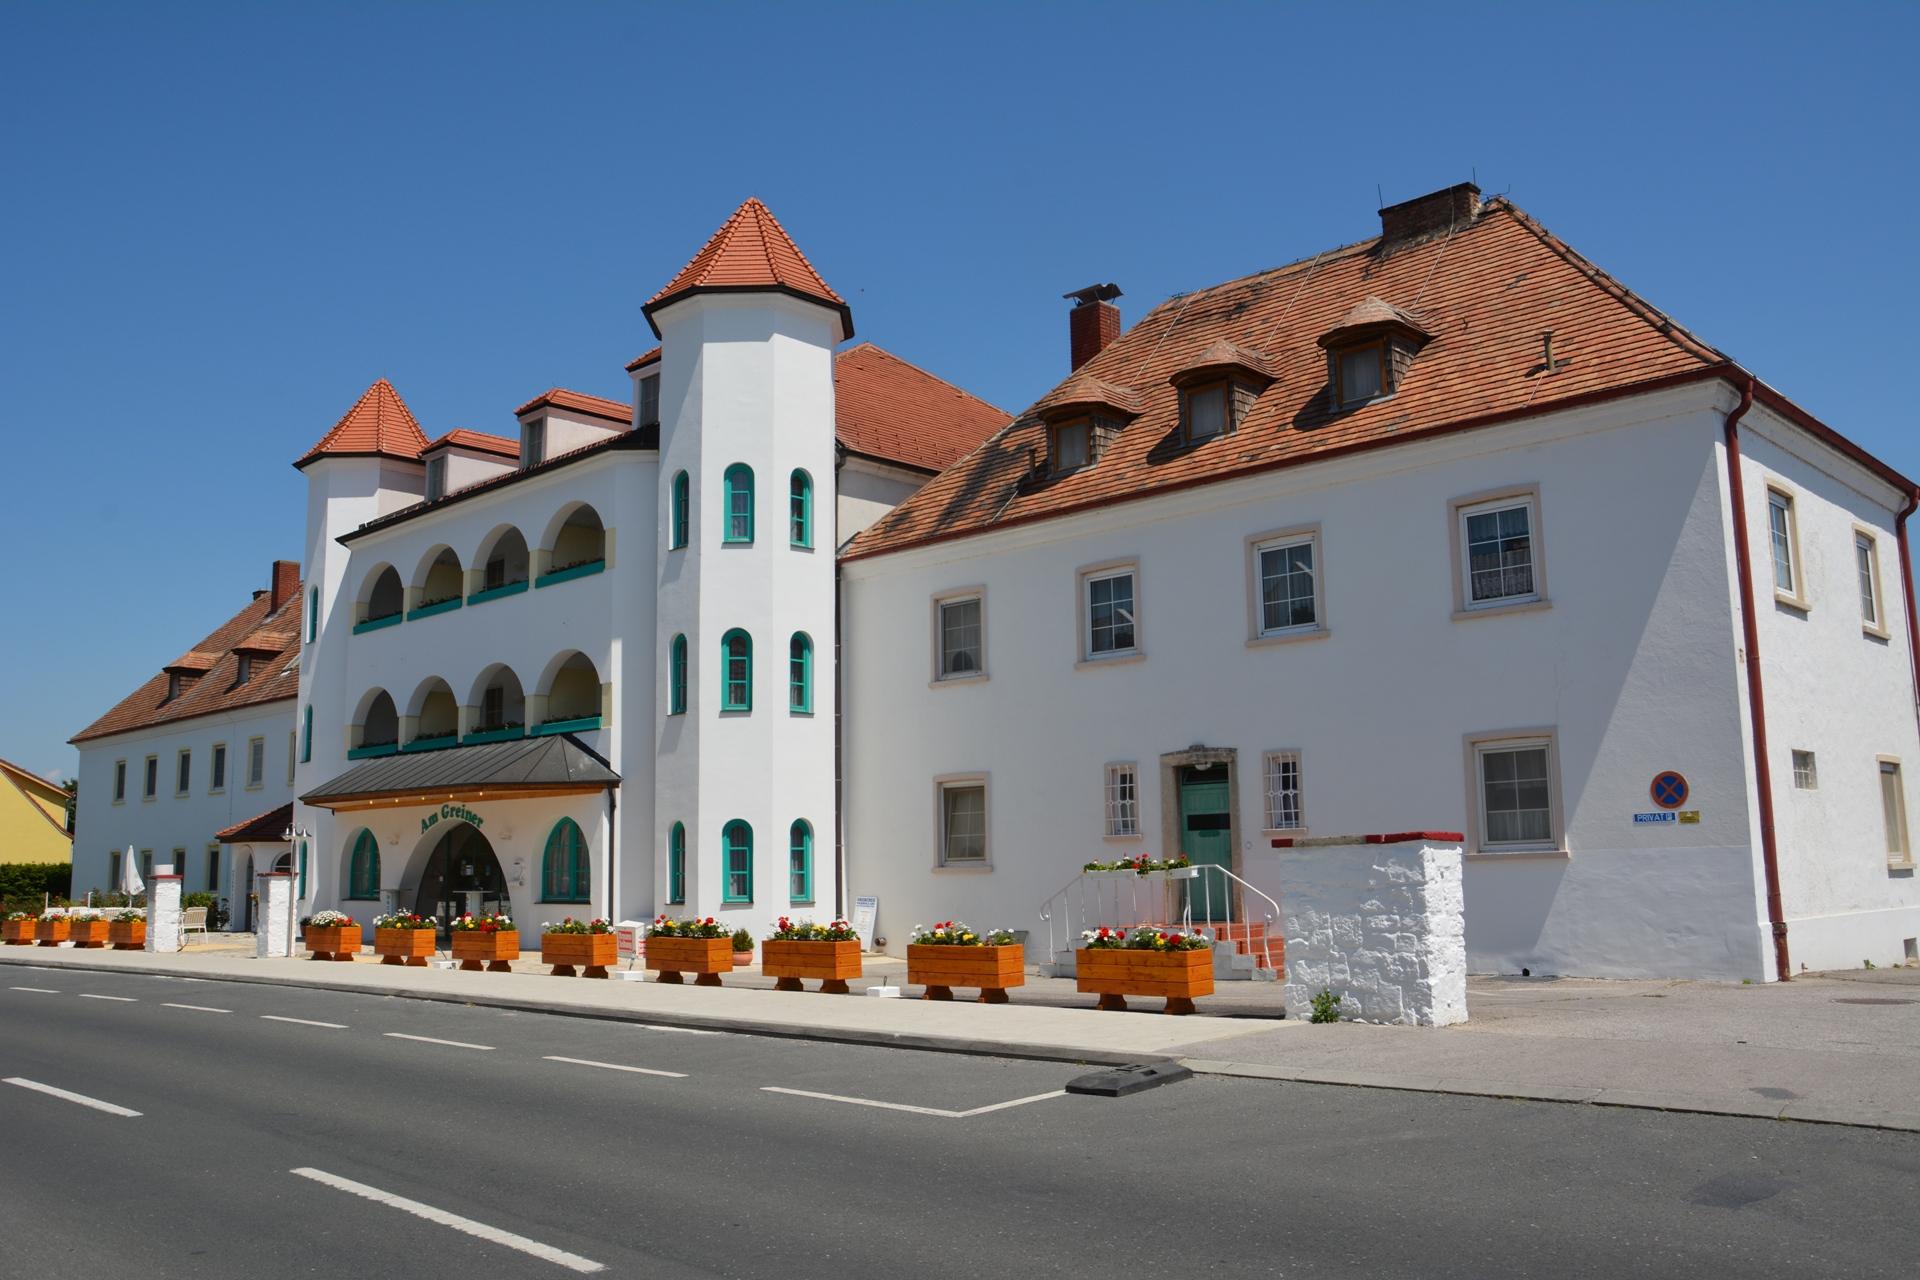 Hotel am Greiner Außen Rechts